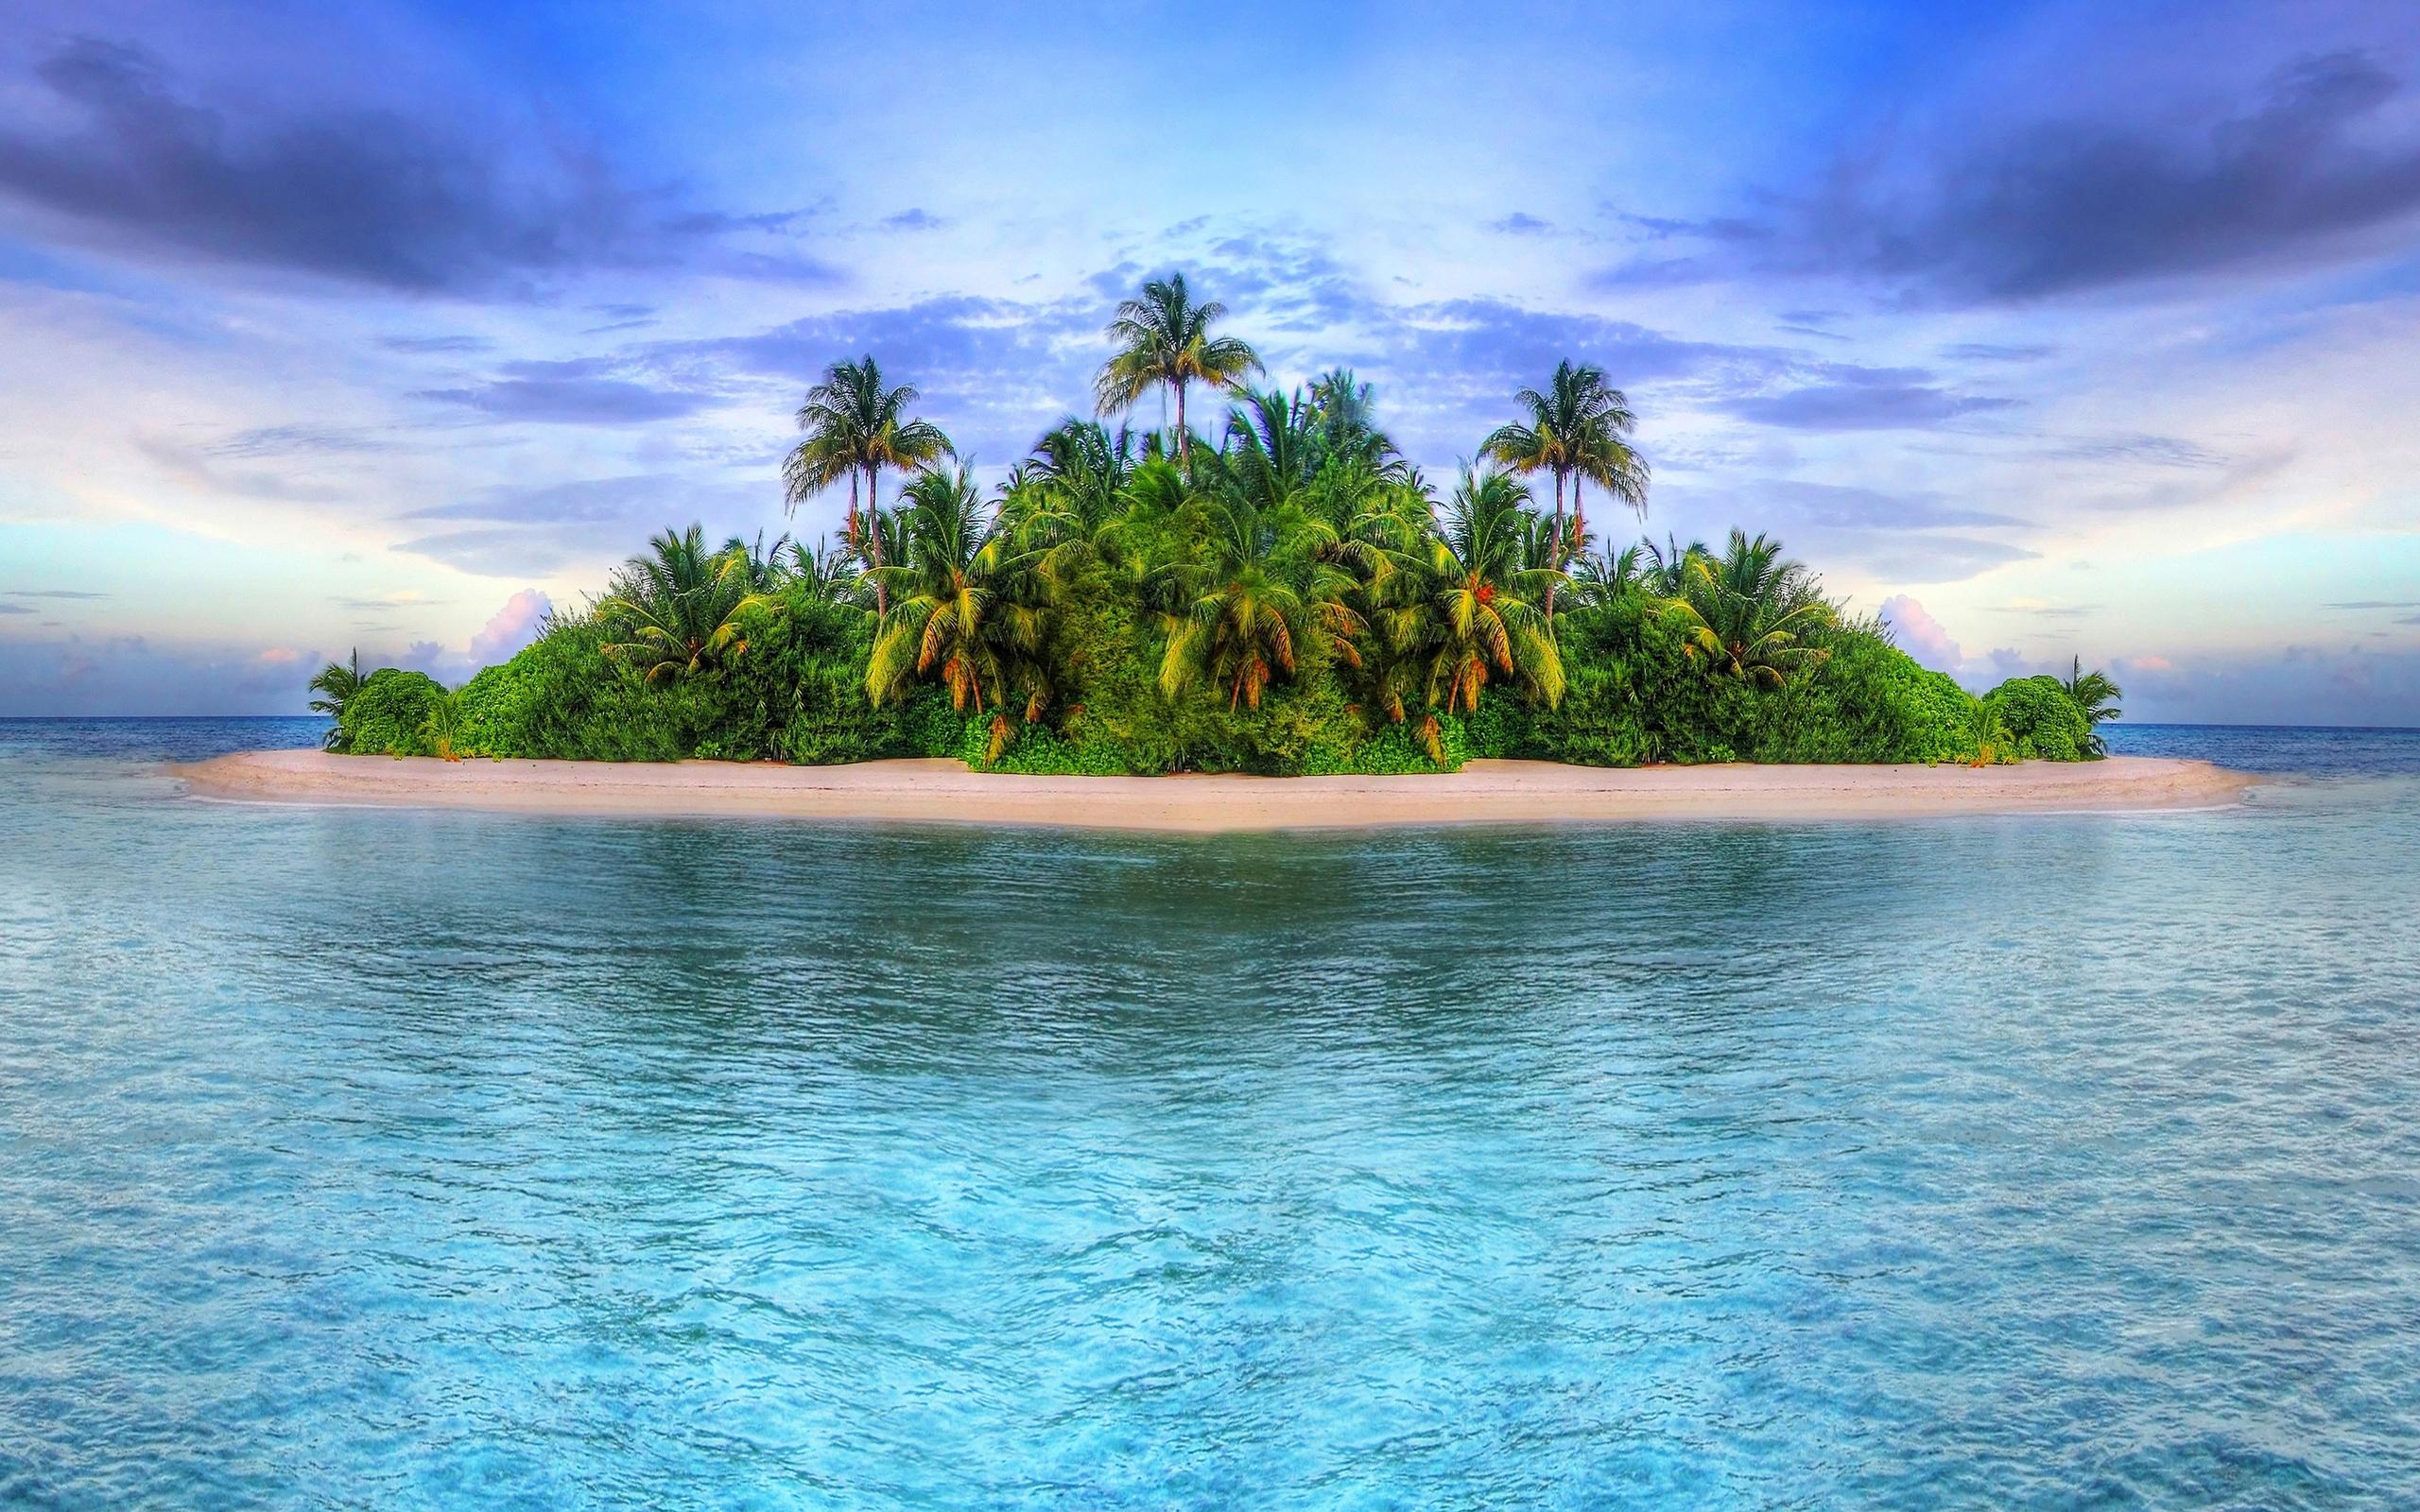 Красивые открытки о море, картинки для